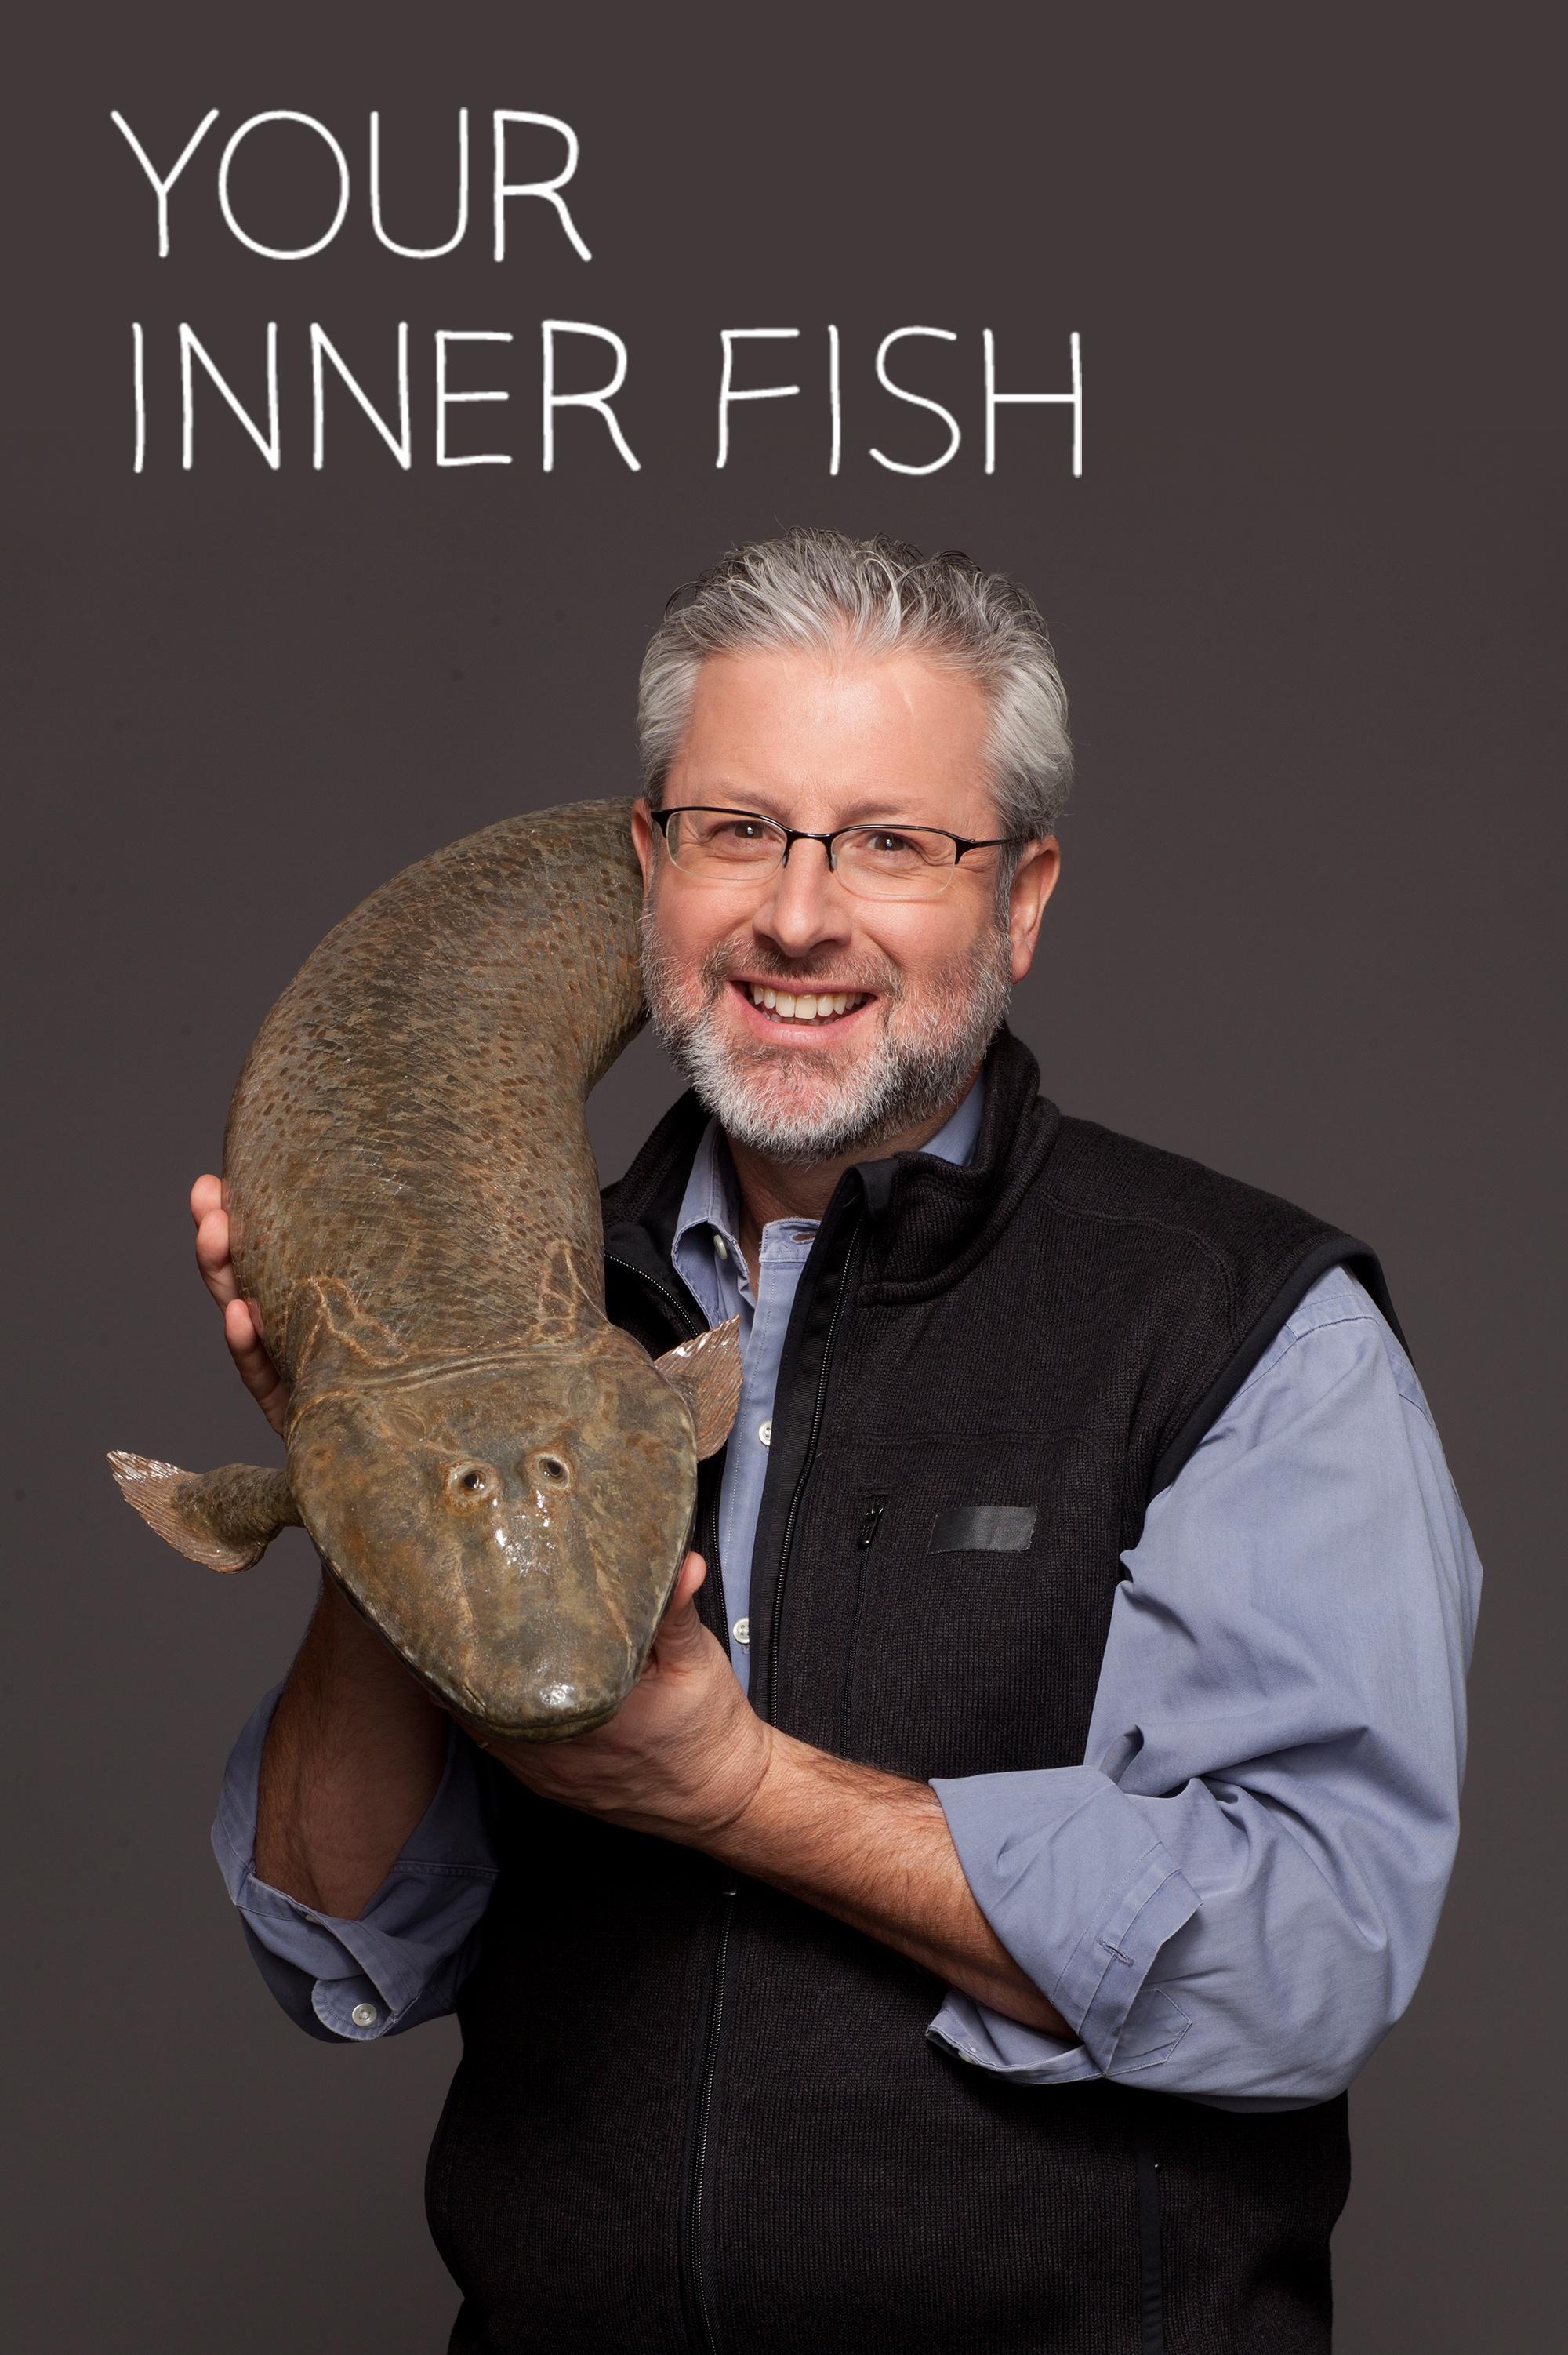 Your inner fish video thirteen new york public media for Neil shubin your inner fish